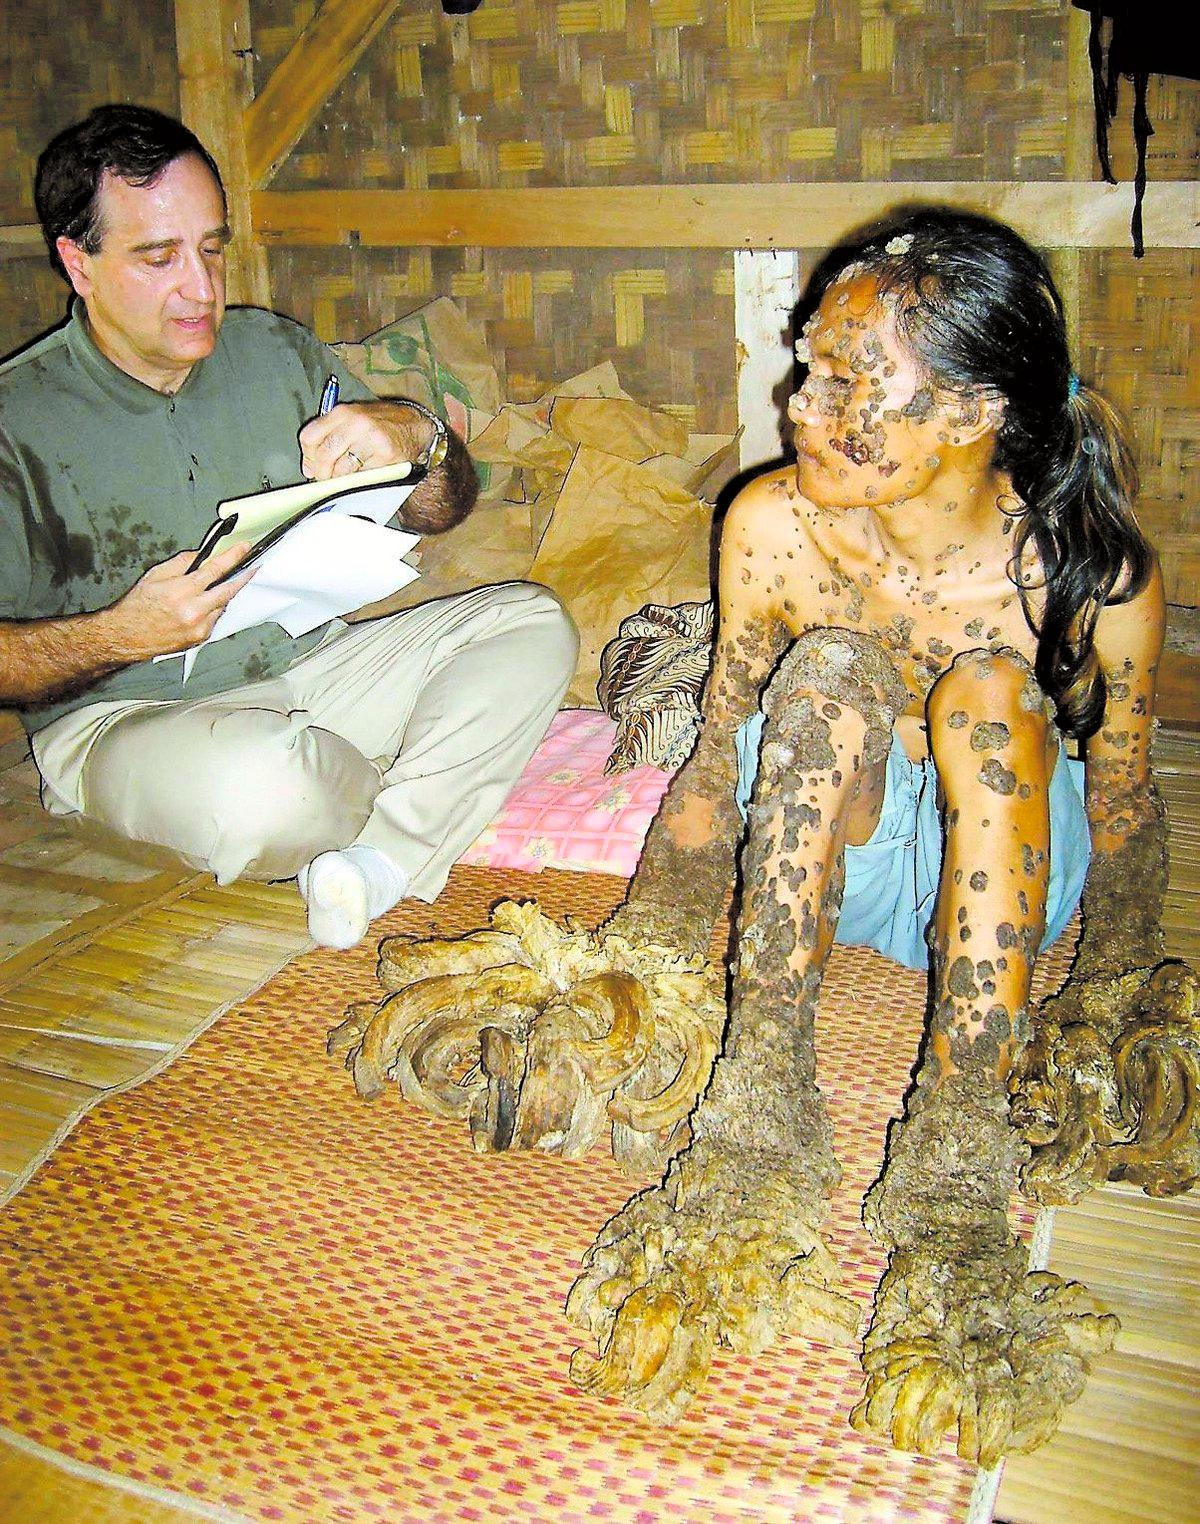 KALLAS FÖR trämannen Dede, 32, från Indonesien har växande vårtor över hela kroppen. Hudläkaren Anthony Gaspari från USA undersöker honom.